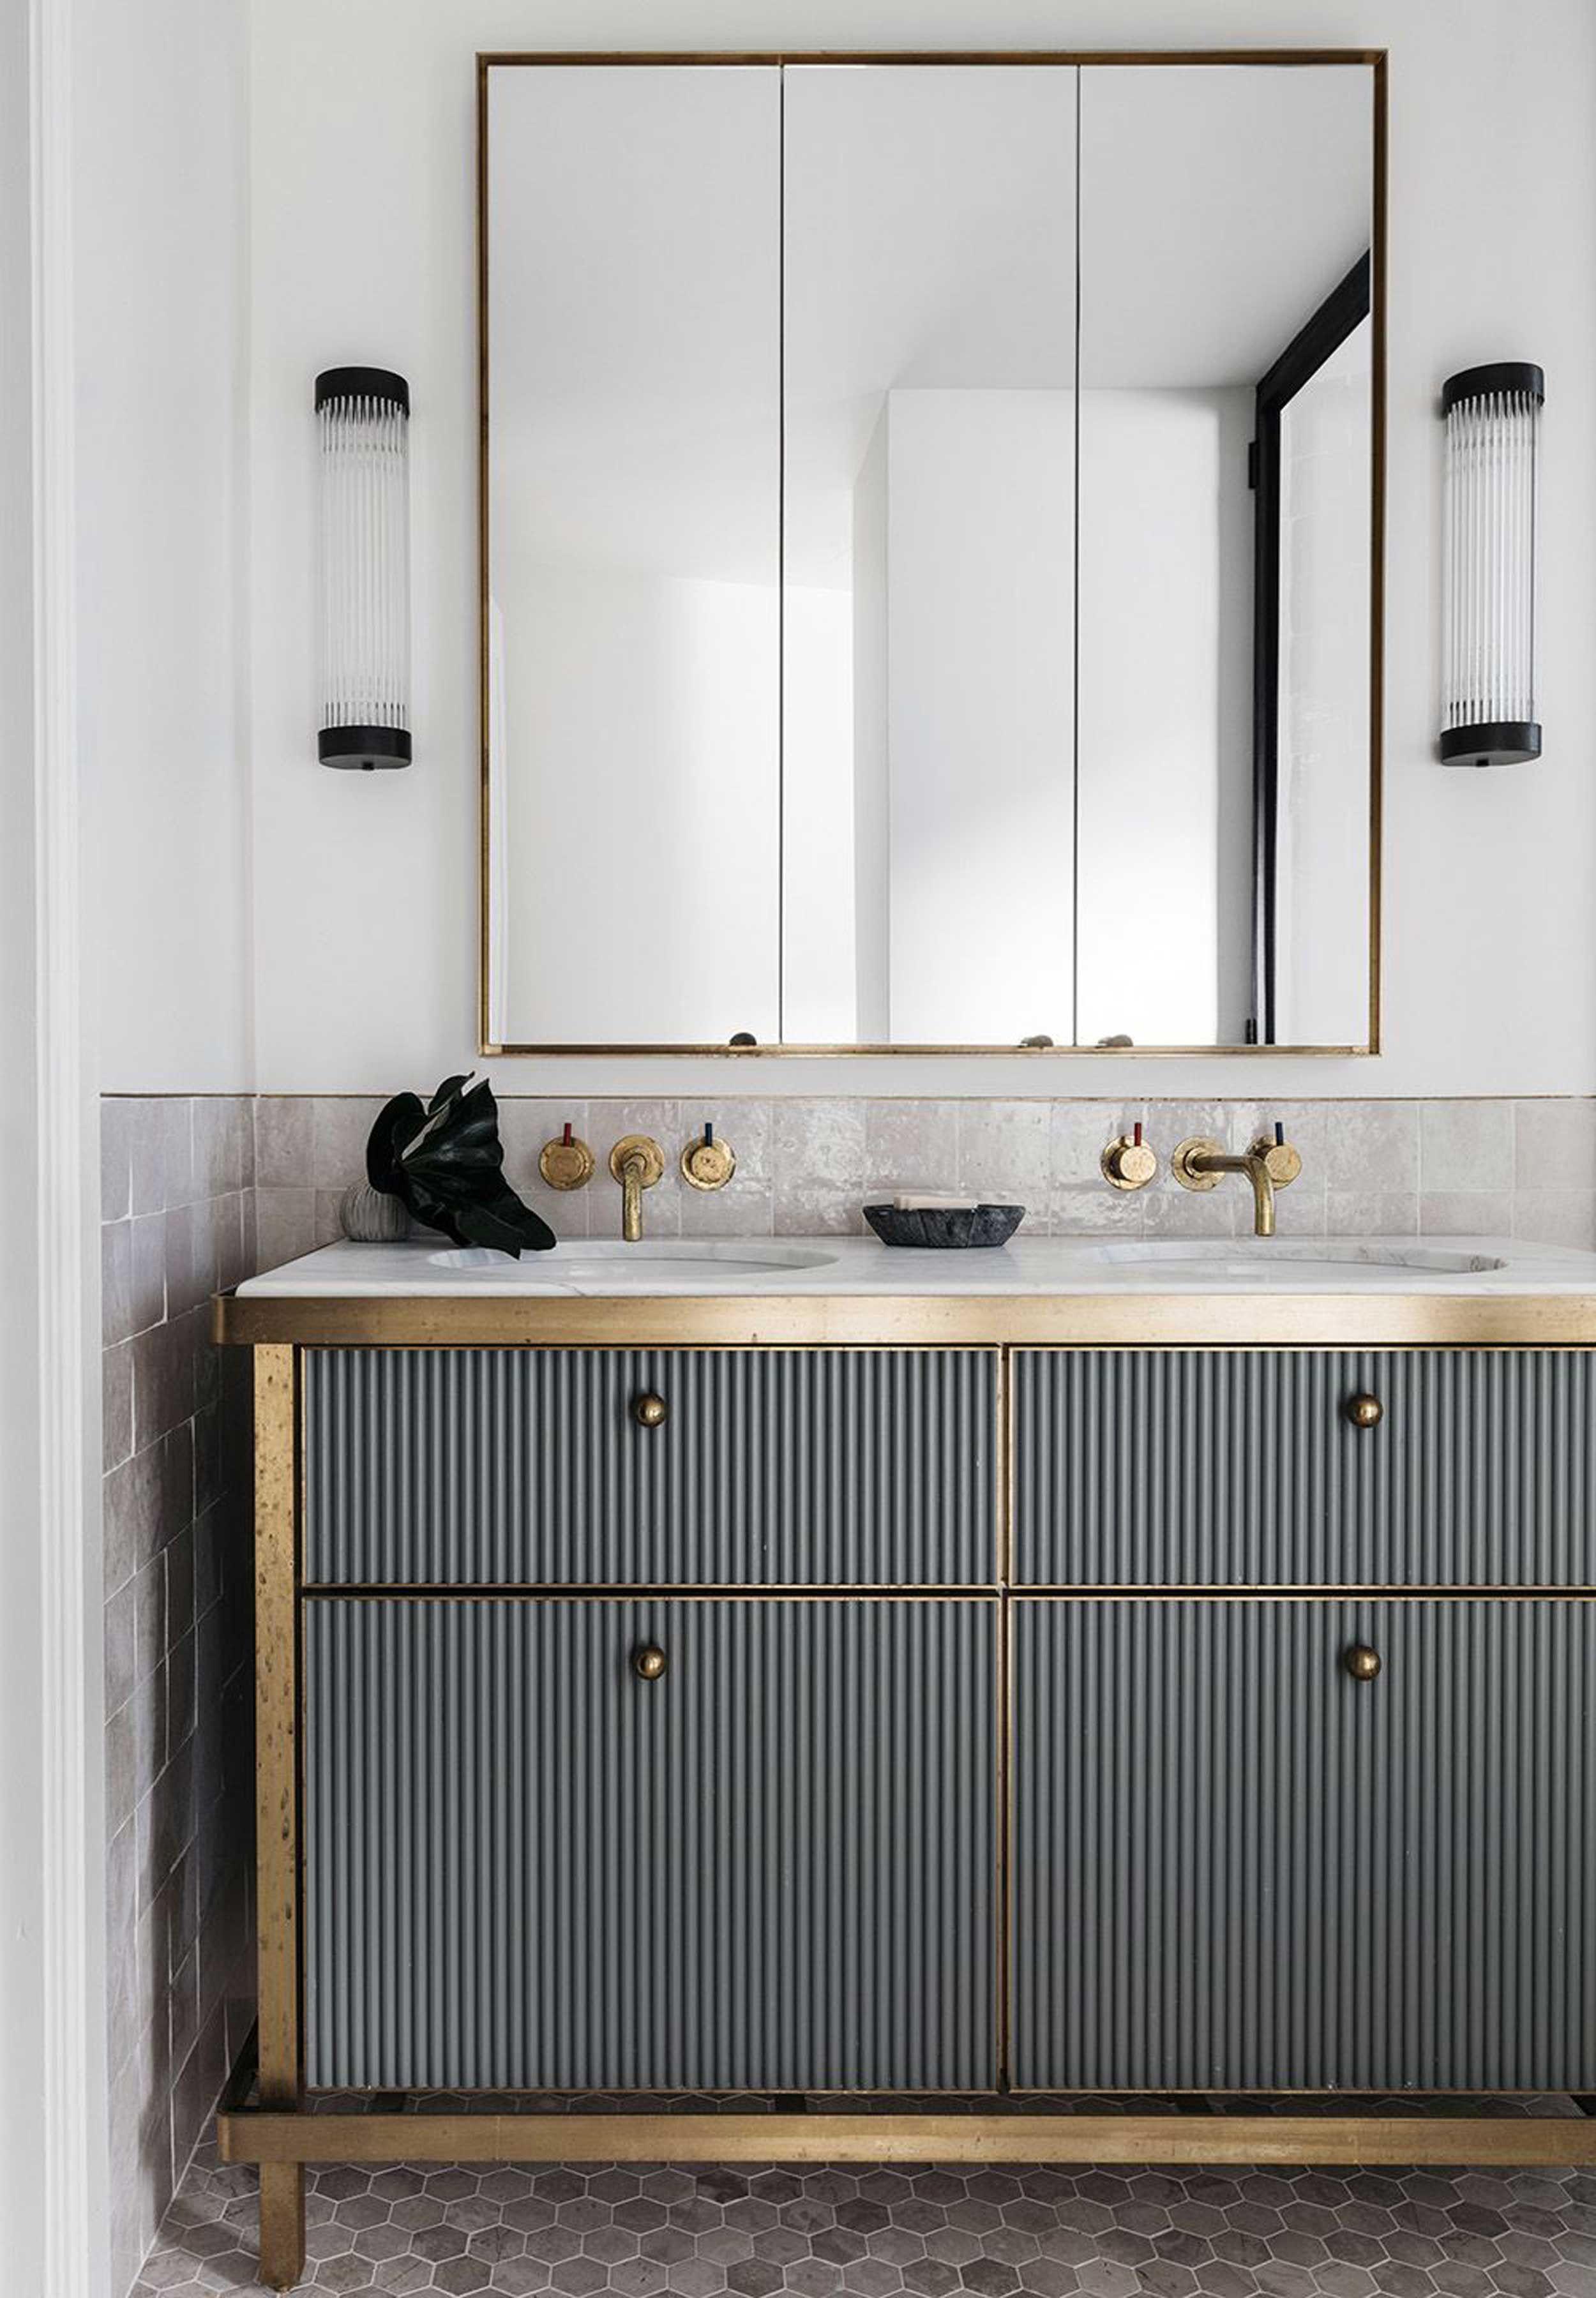 3 Door Medicine Cabinets With Mirrors 2021 Art Deco Bathroom Vanity Bathroom Interior Bathroom Interior Design